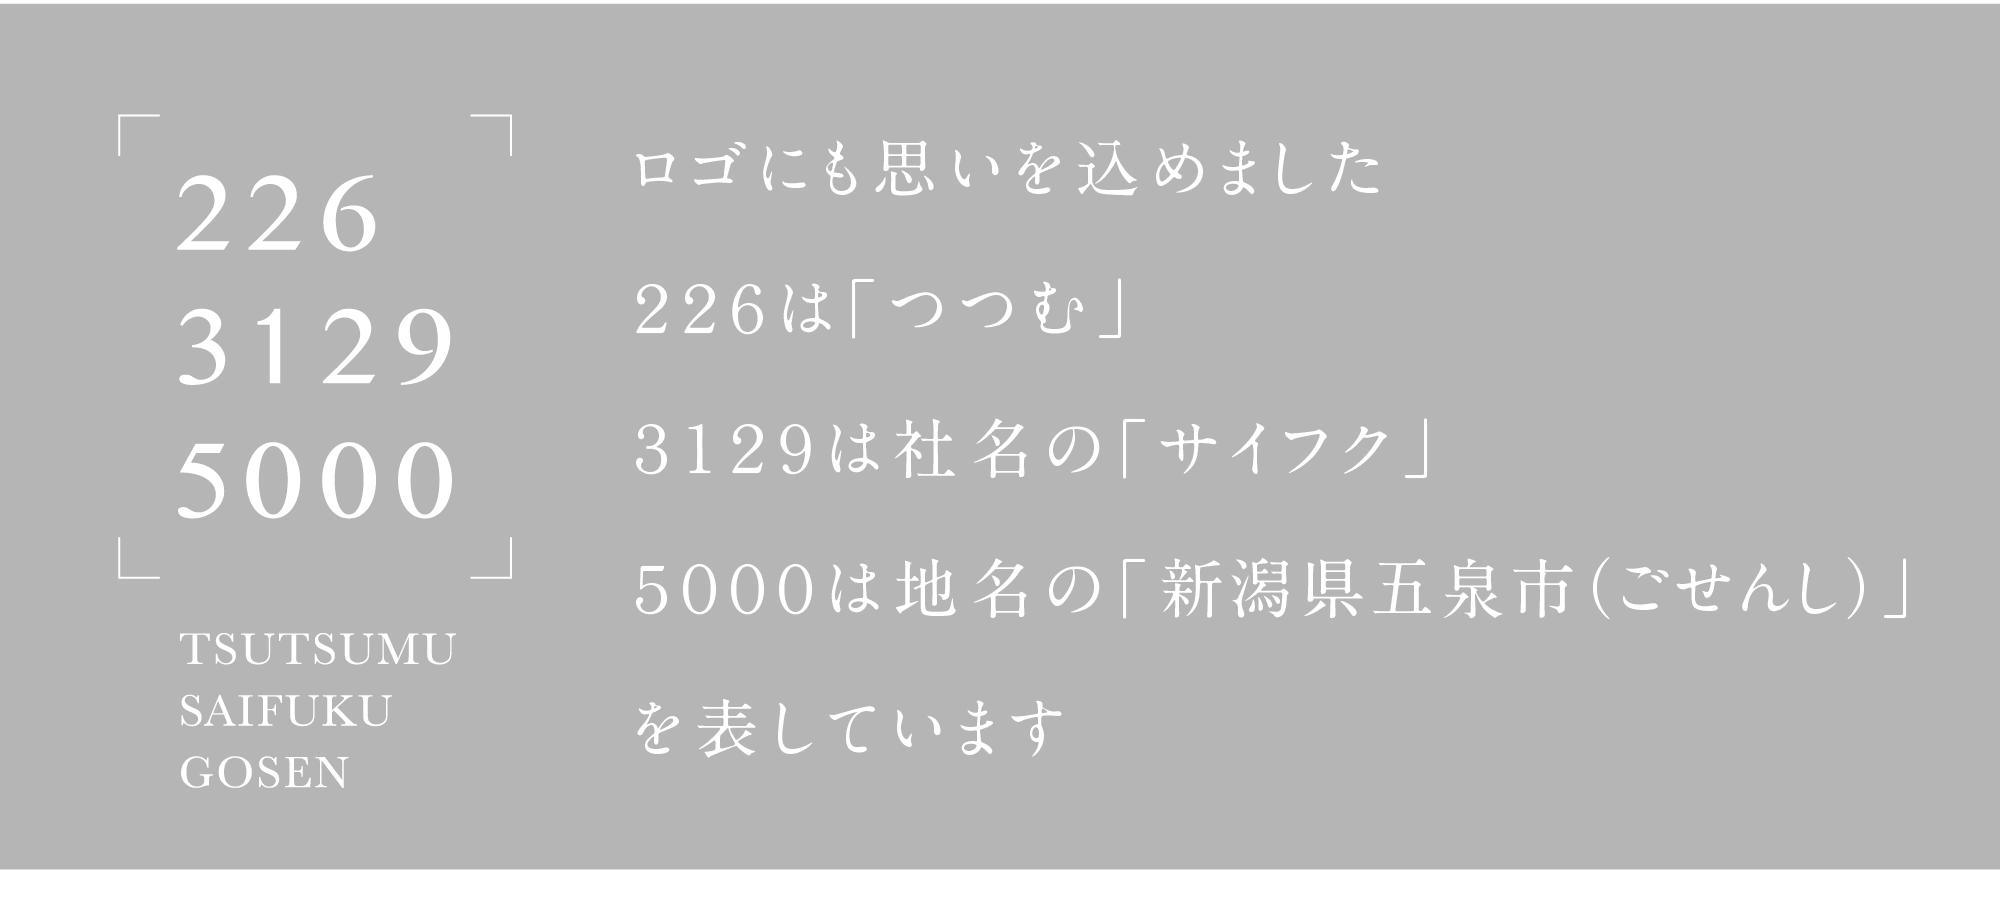 ロゴにも思いを込めました。226は「つつむ」3129は社名の「サイフク」5000は地名の「新潟県五泉市(ごせんし)」を表しています